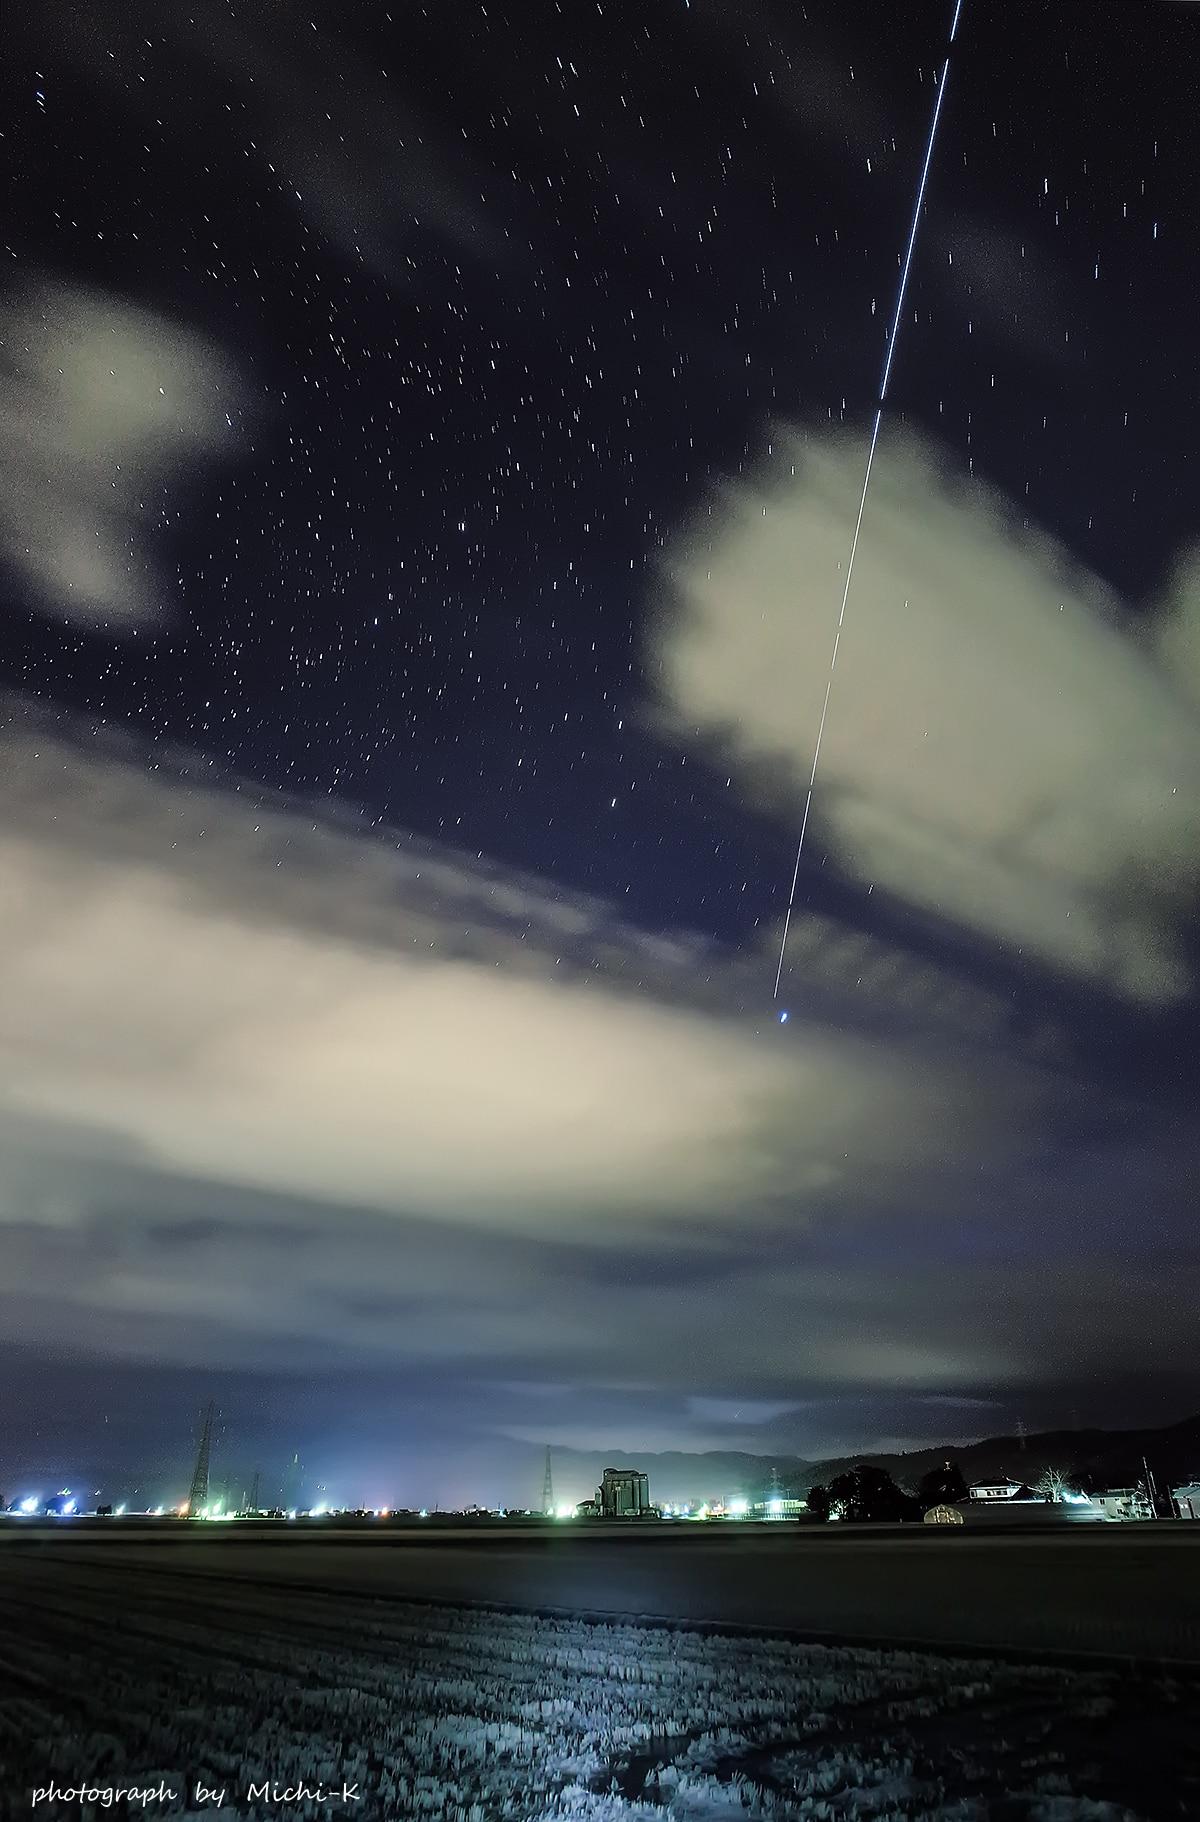 国際宇宙ステーション(ISS)の軌跡 2017年1月1日、撮影場所は山形県酒田市